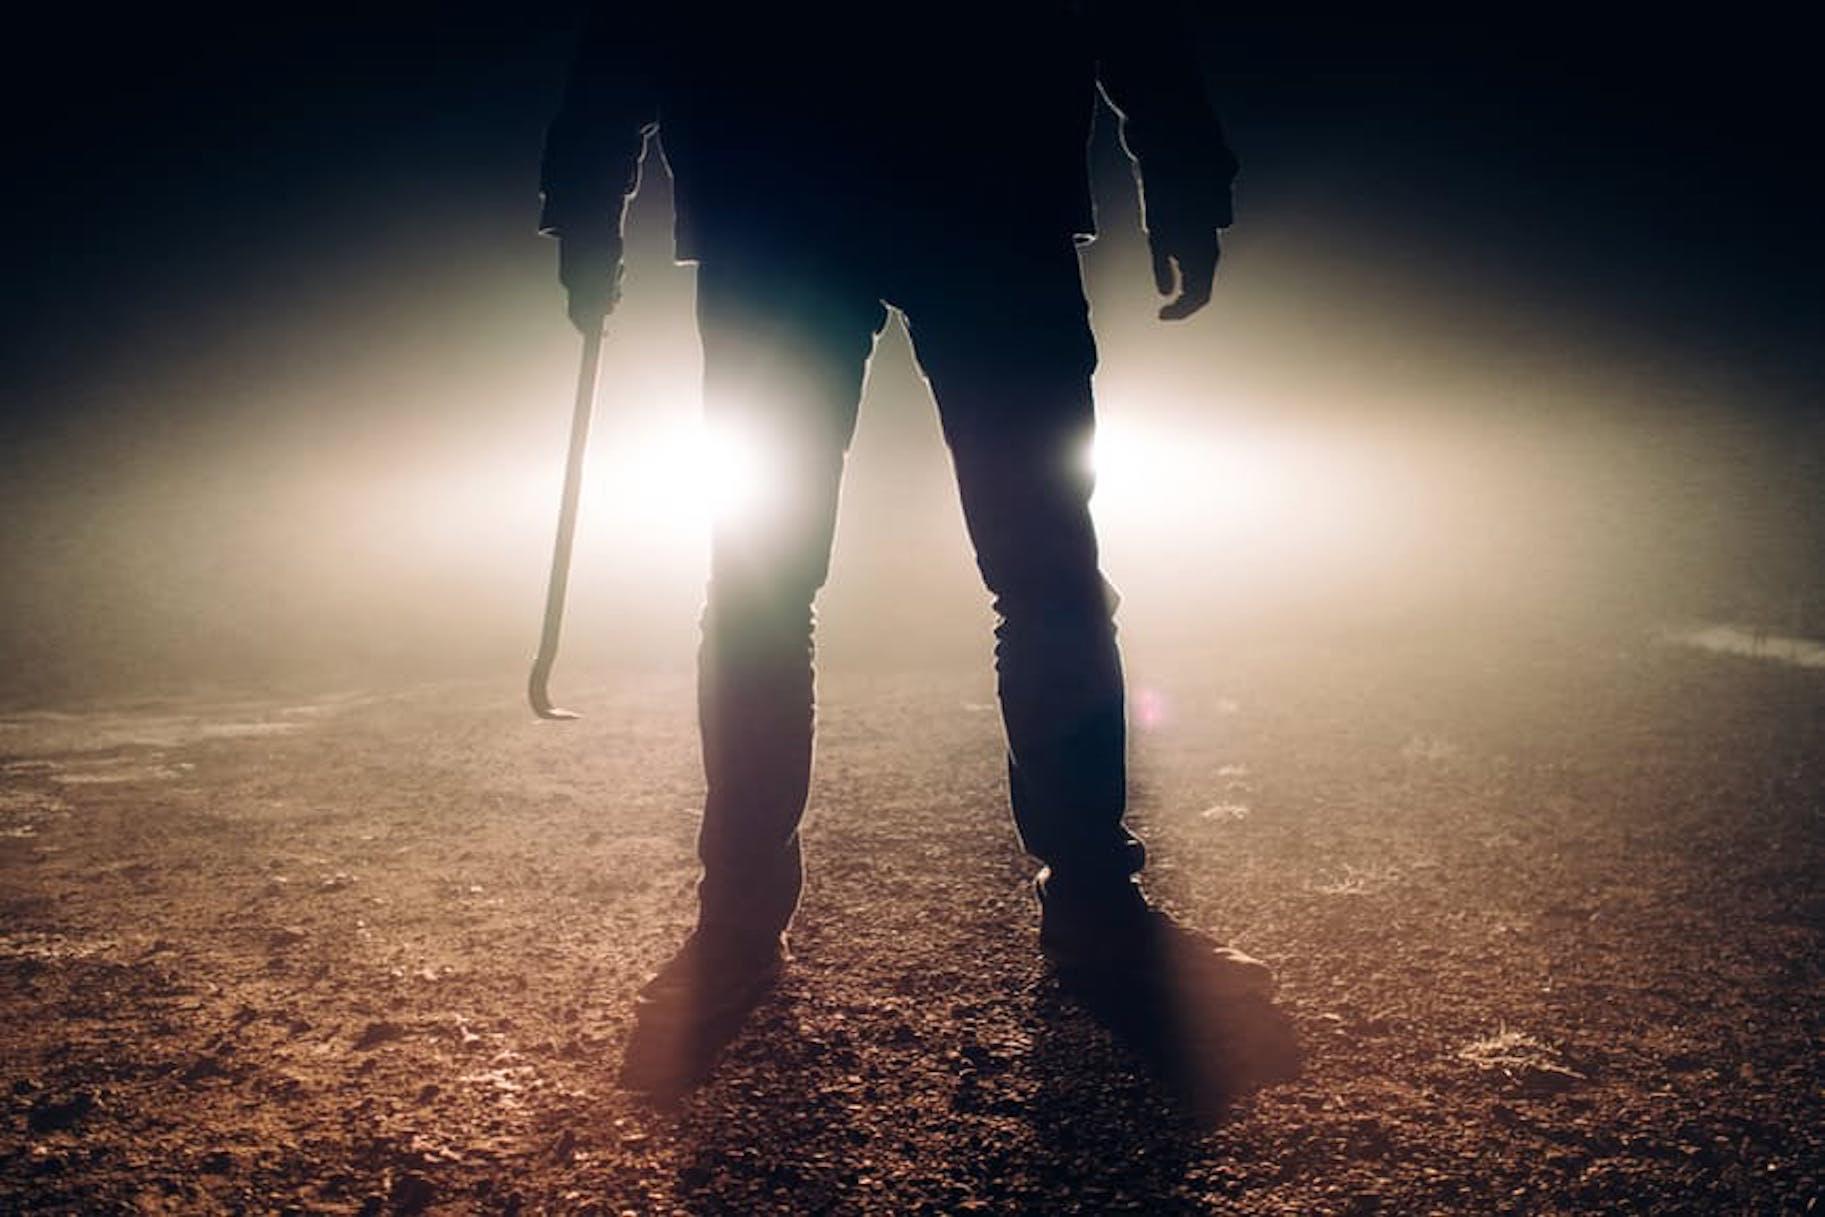 Ali ste vedeli, da se večina serijskih morilcev rodi novembra?